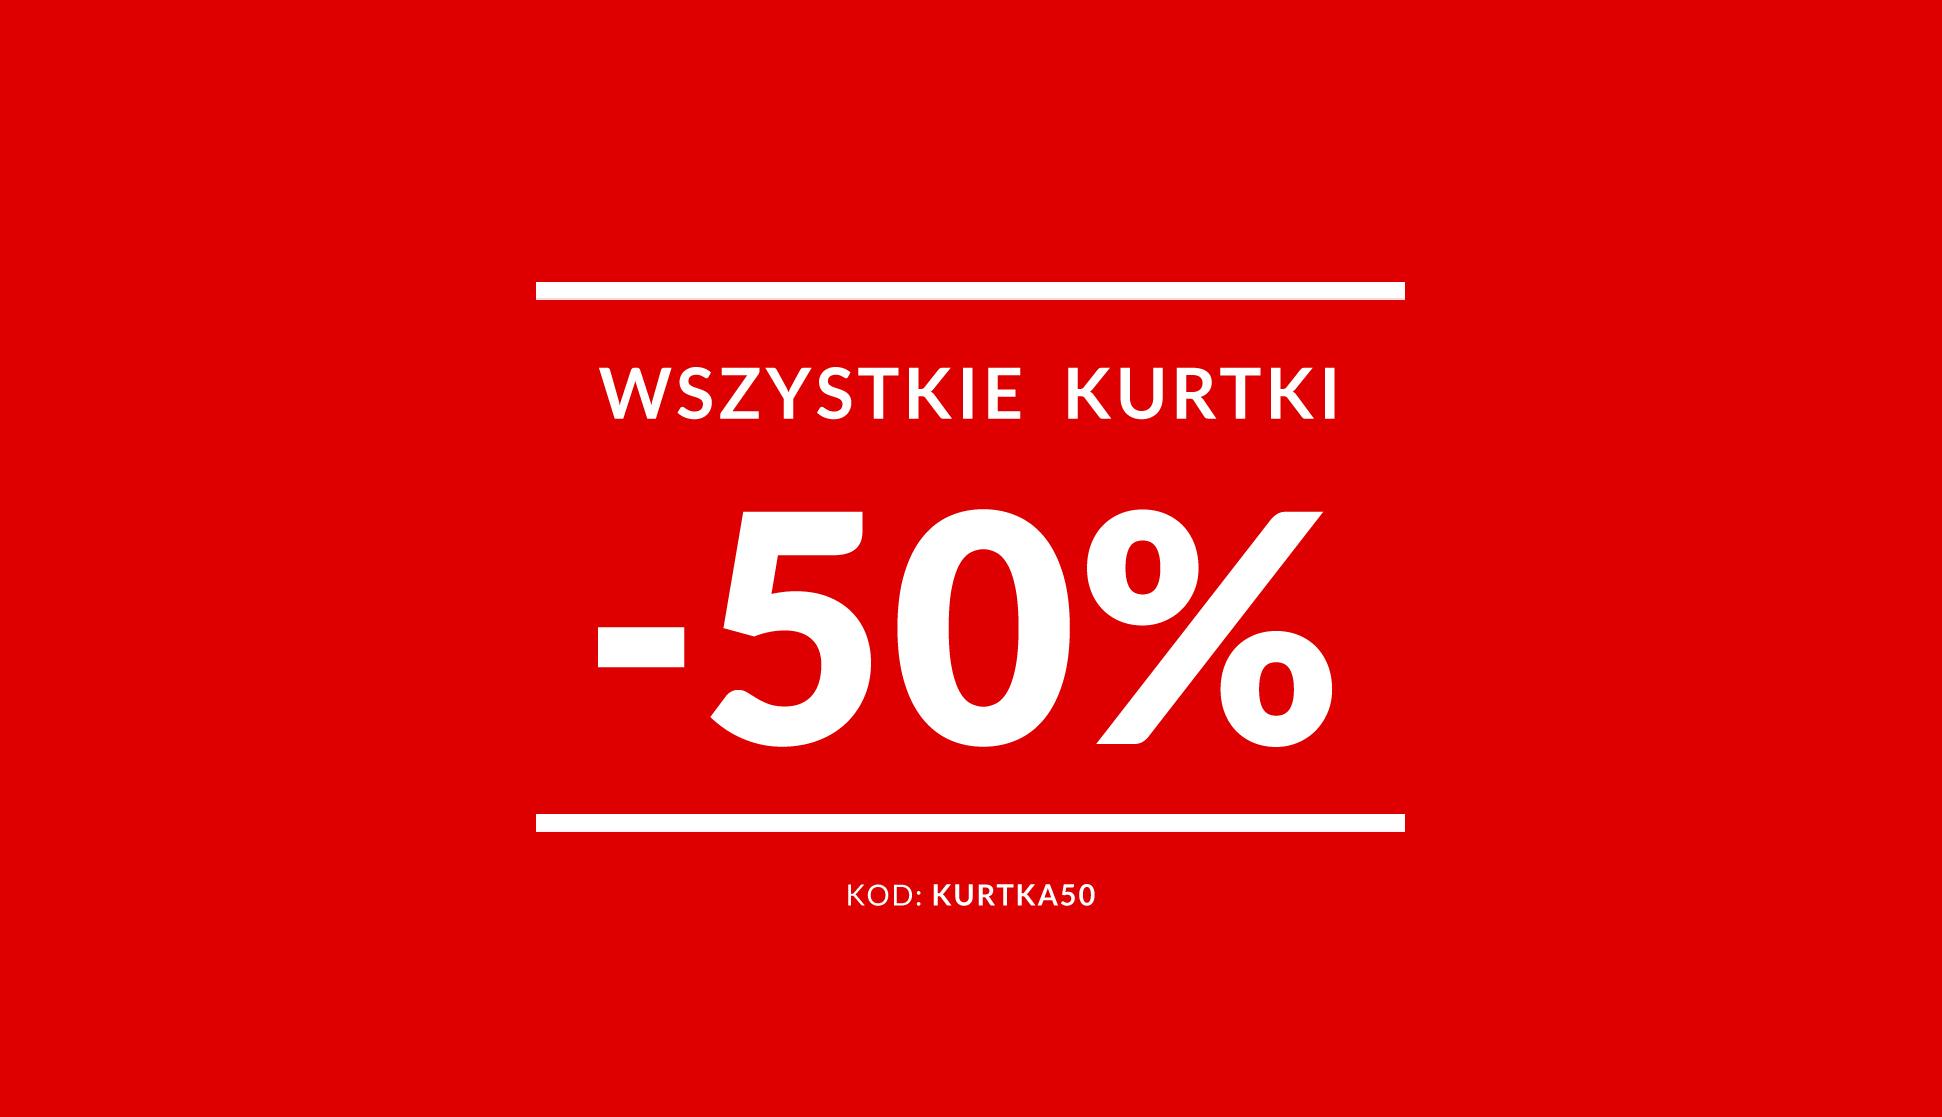 Diverse: wszystkie kurtki ze zniżką 50%